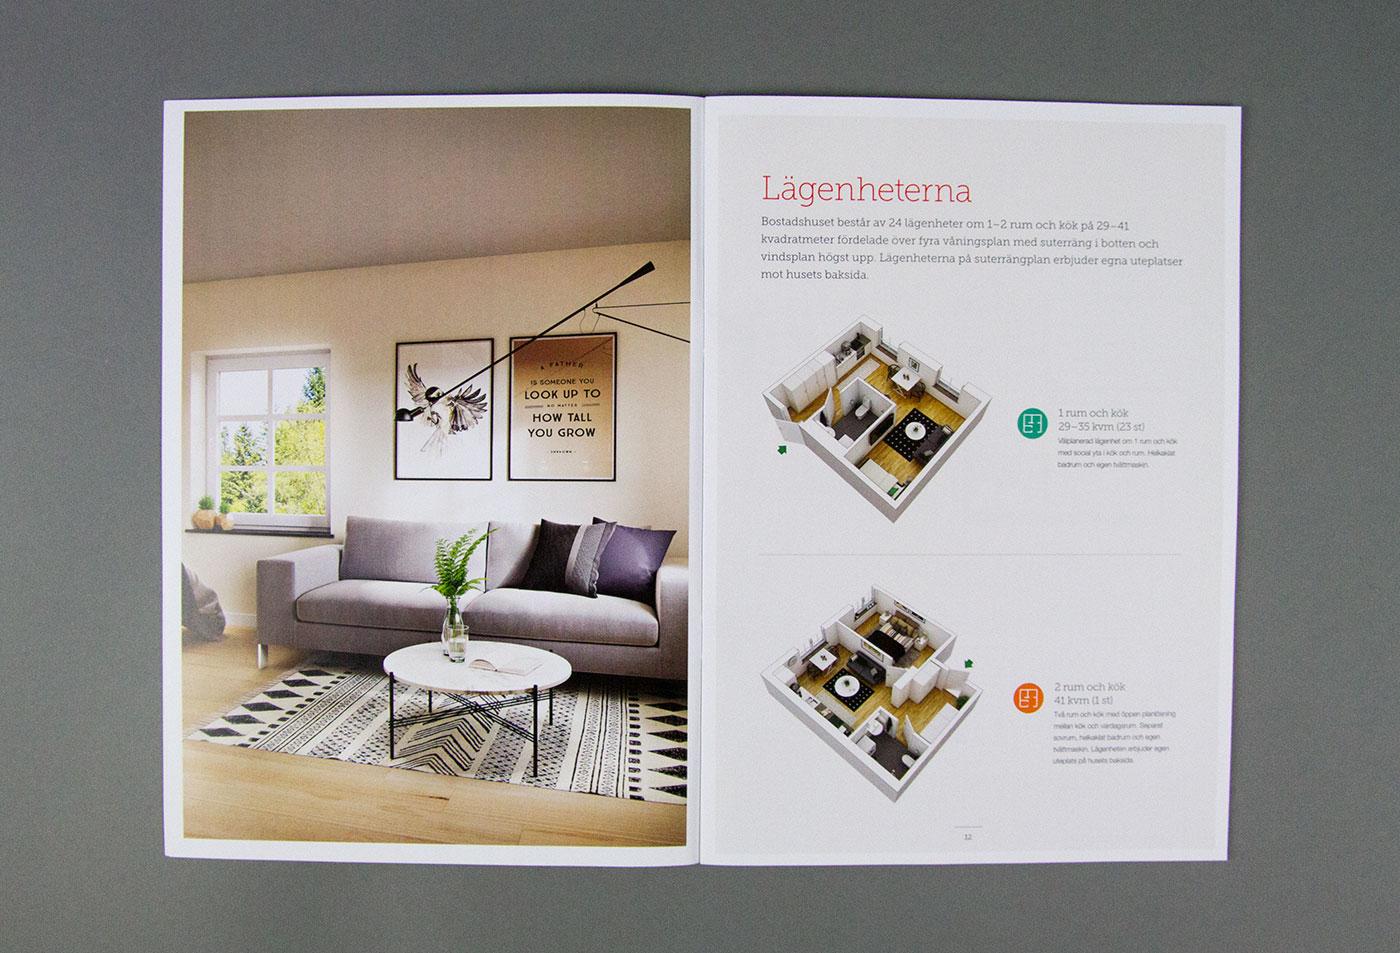 Uppslag i katalogen med lägenhetsinformation